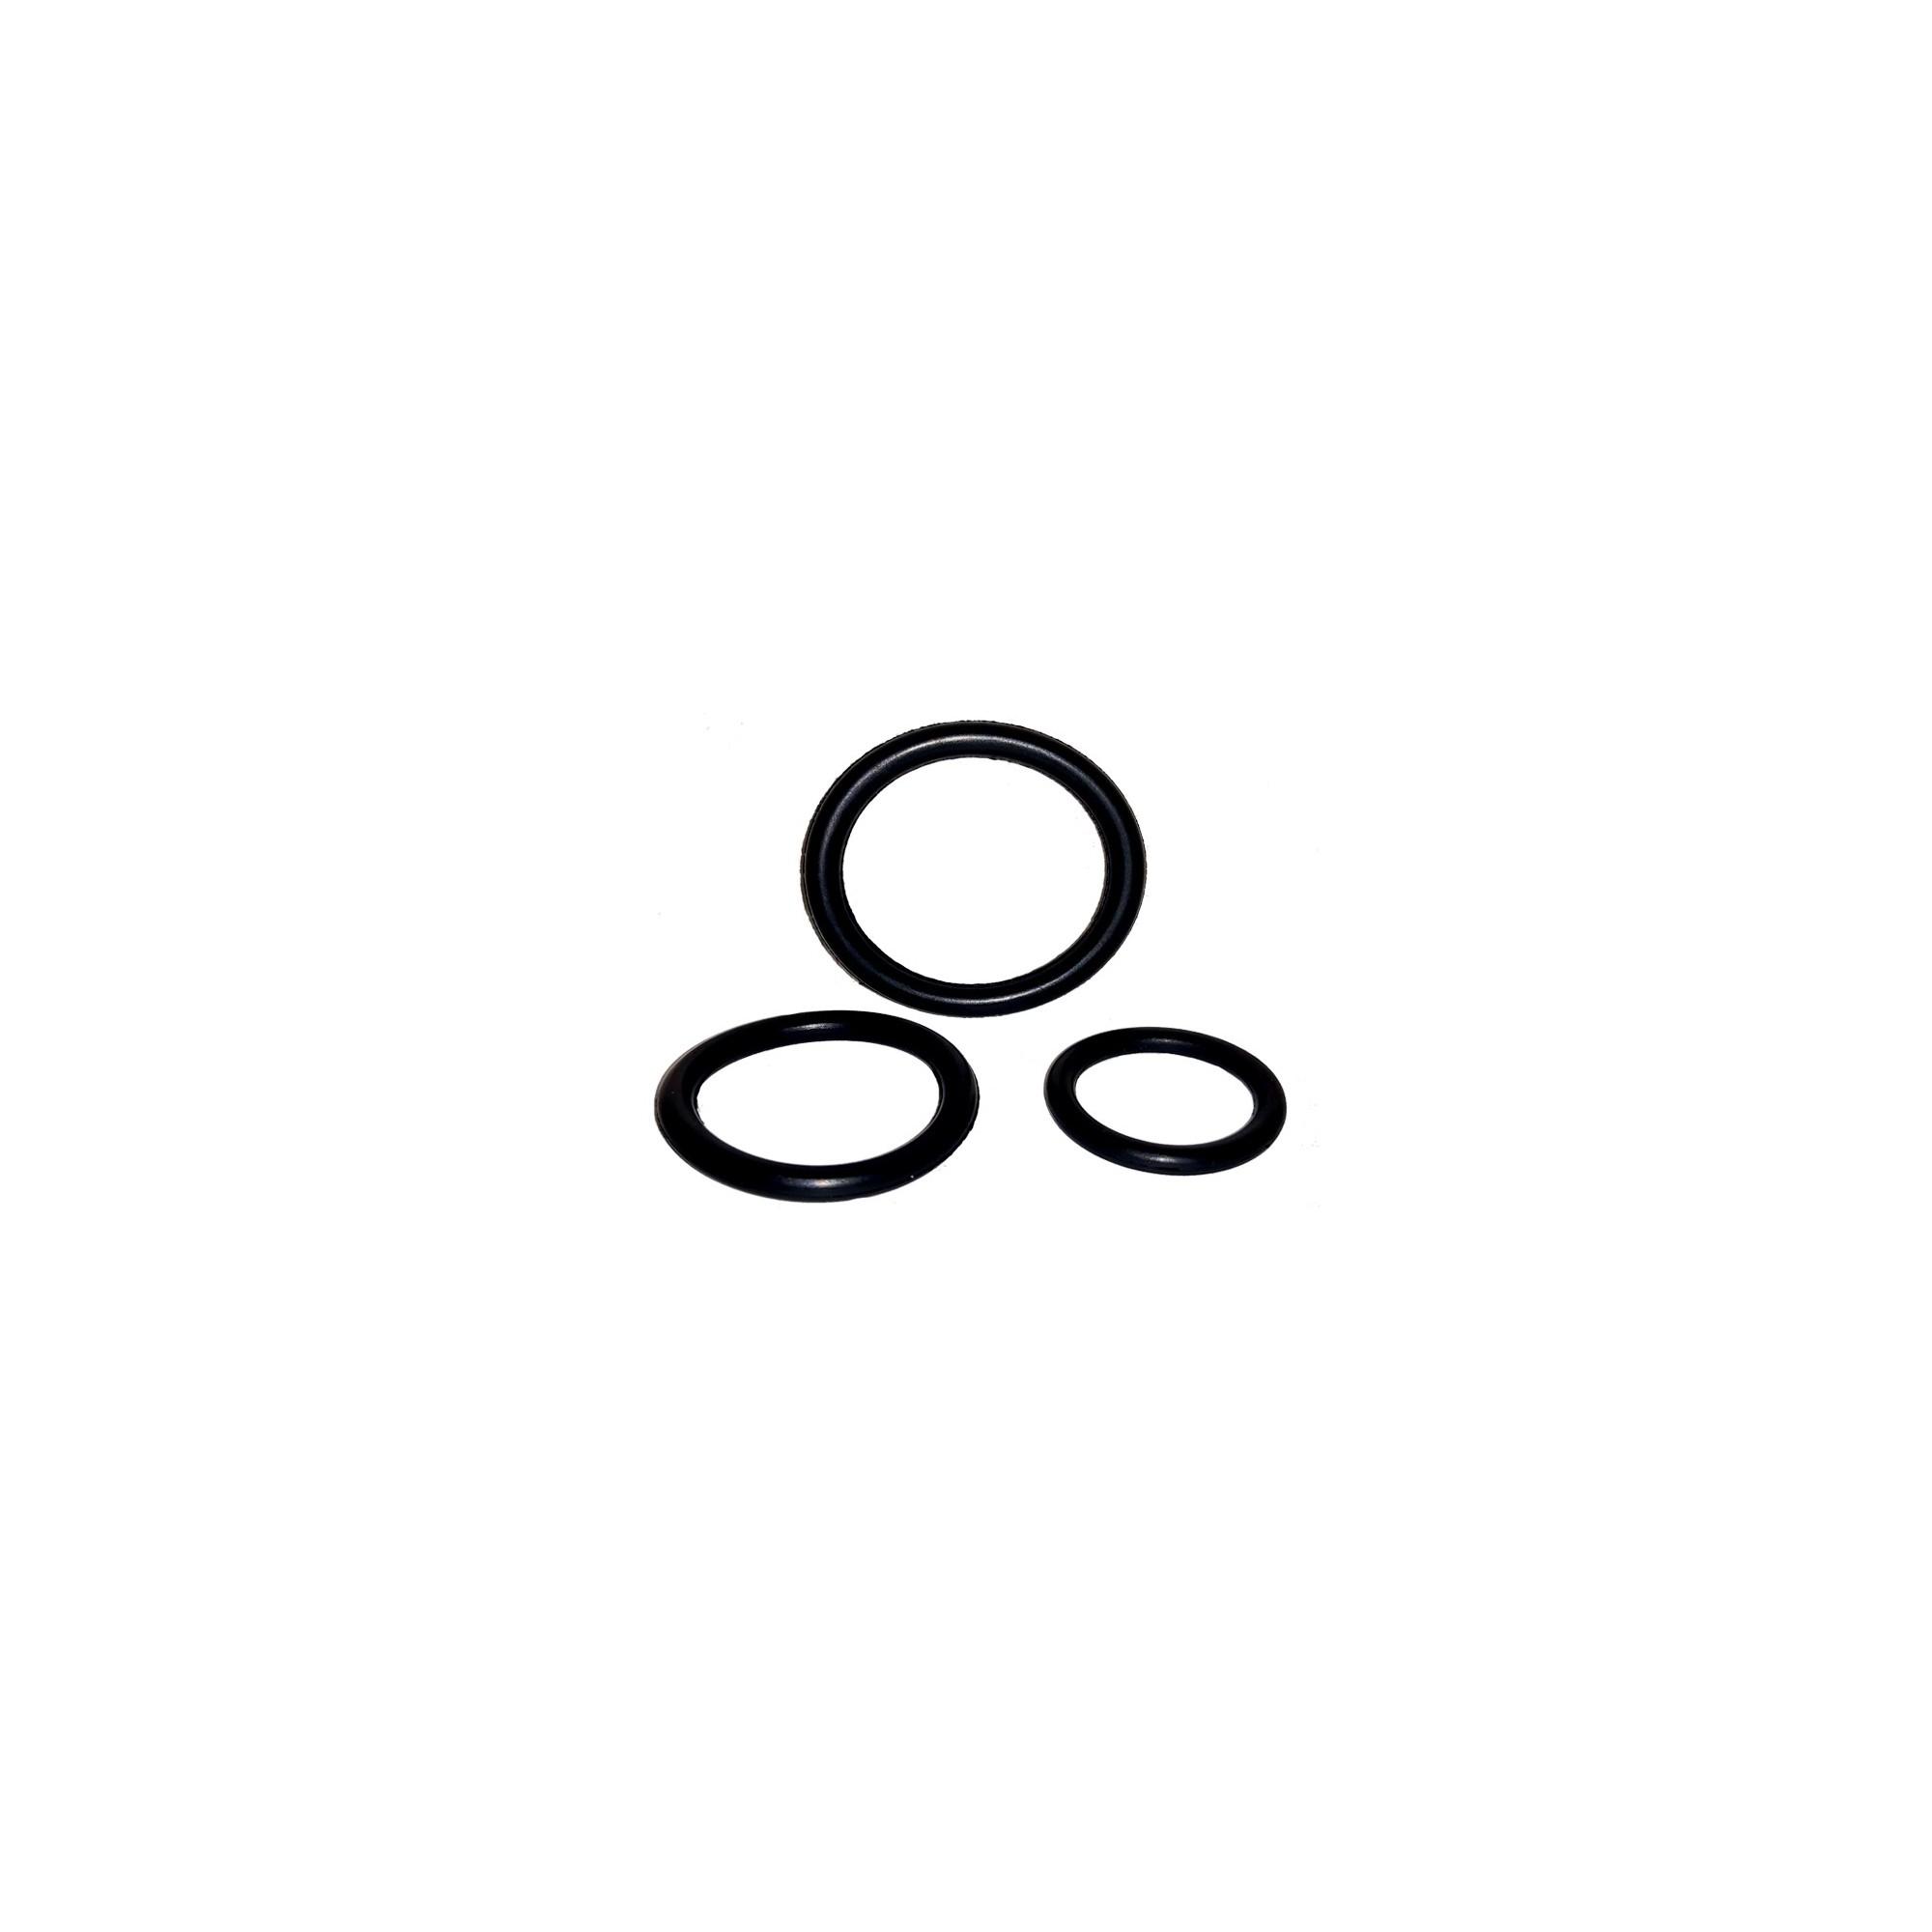 Упаковка резиновых прокладок 100 шт кольцо на фитинг kalde 25 35.7мм*4мм J.G. - 1